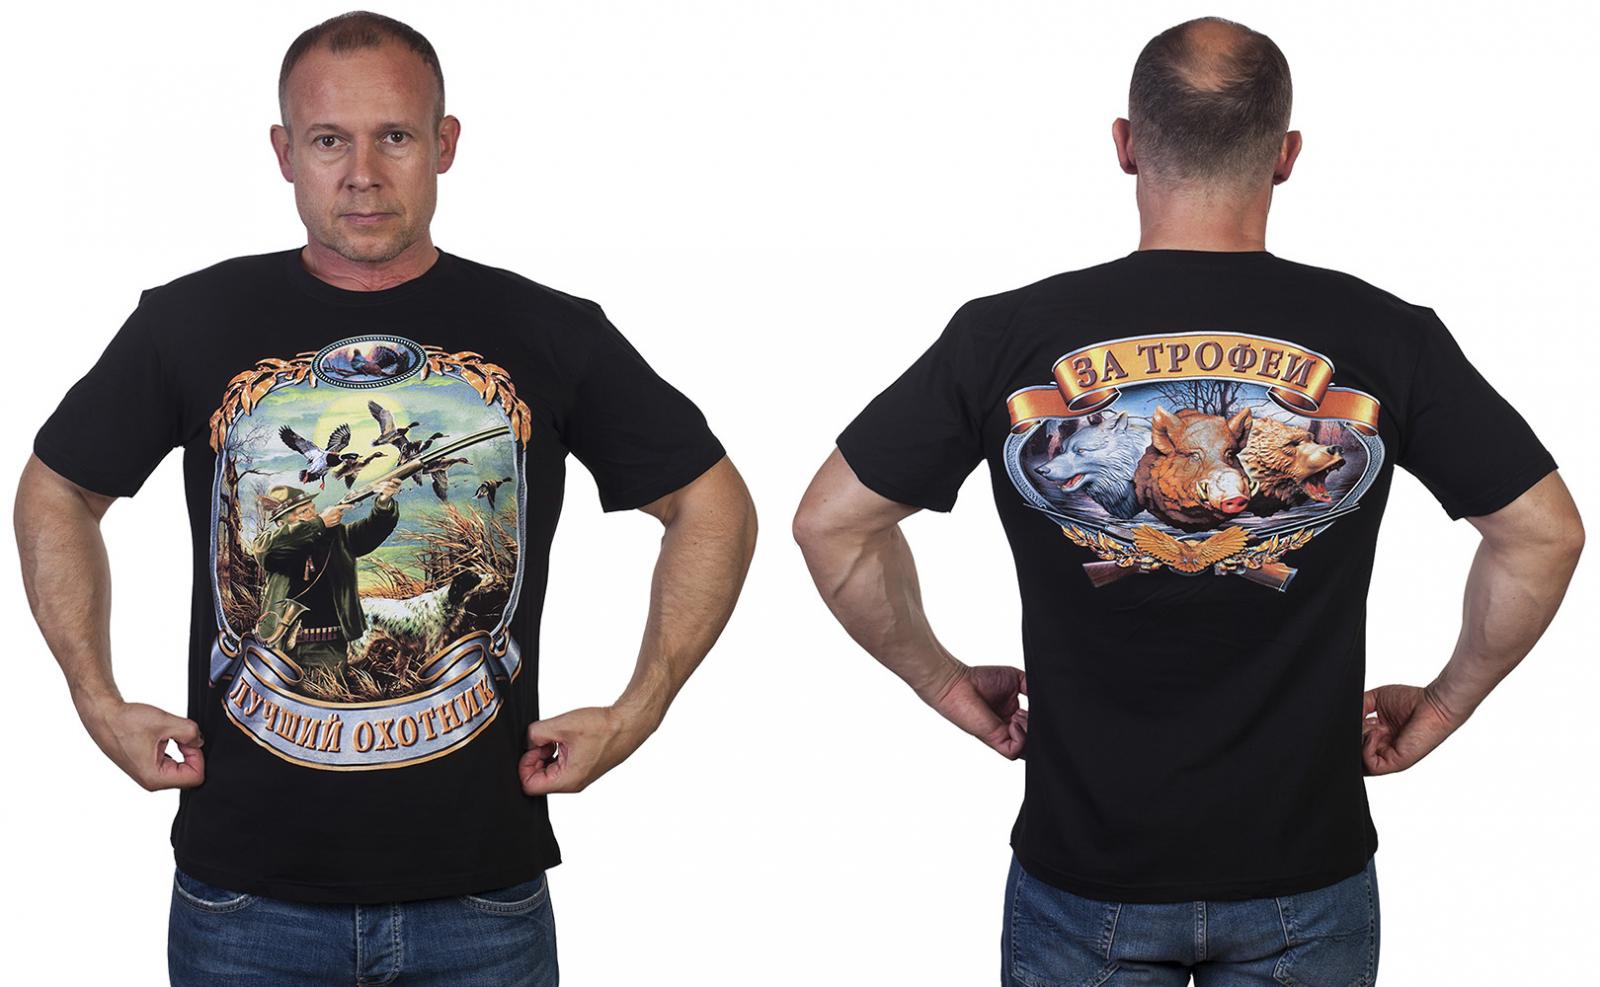 Мужская футболка «Лучший охотник» - купить выгодно